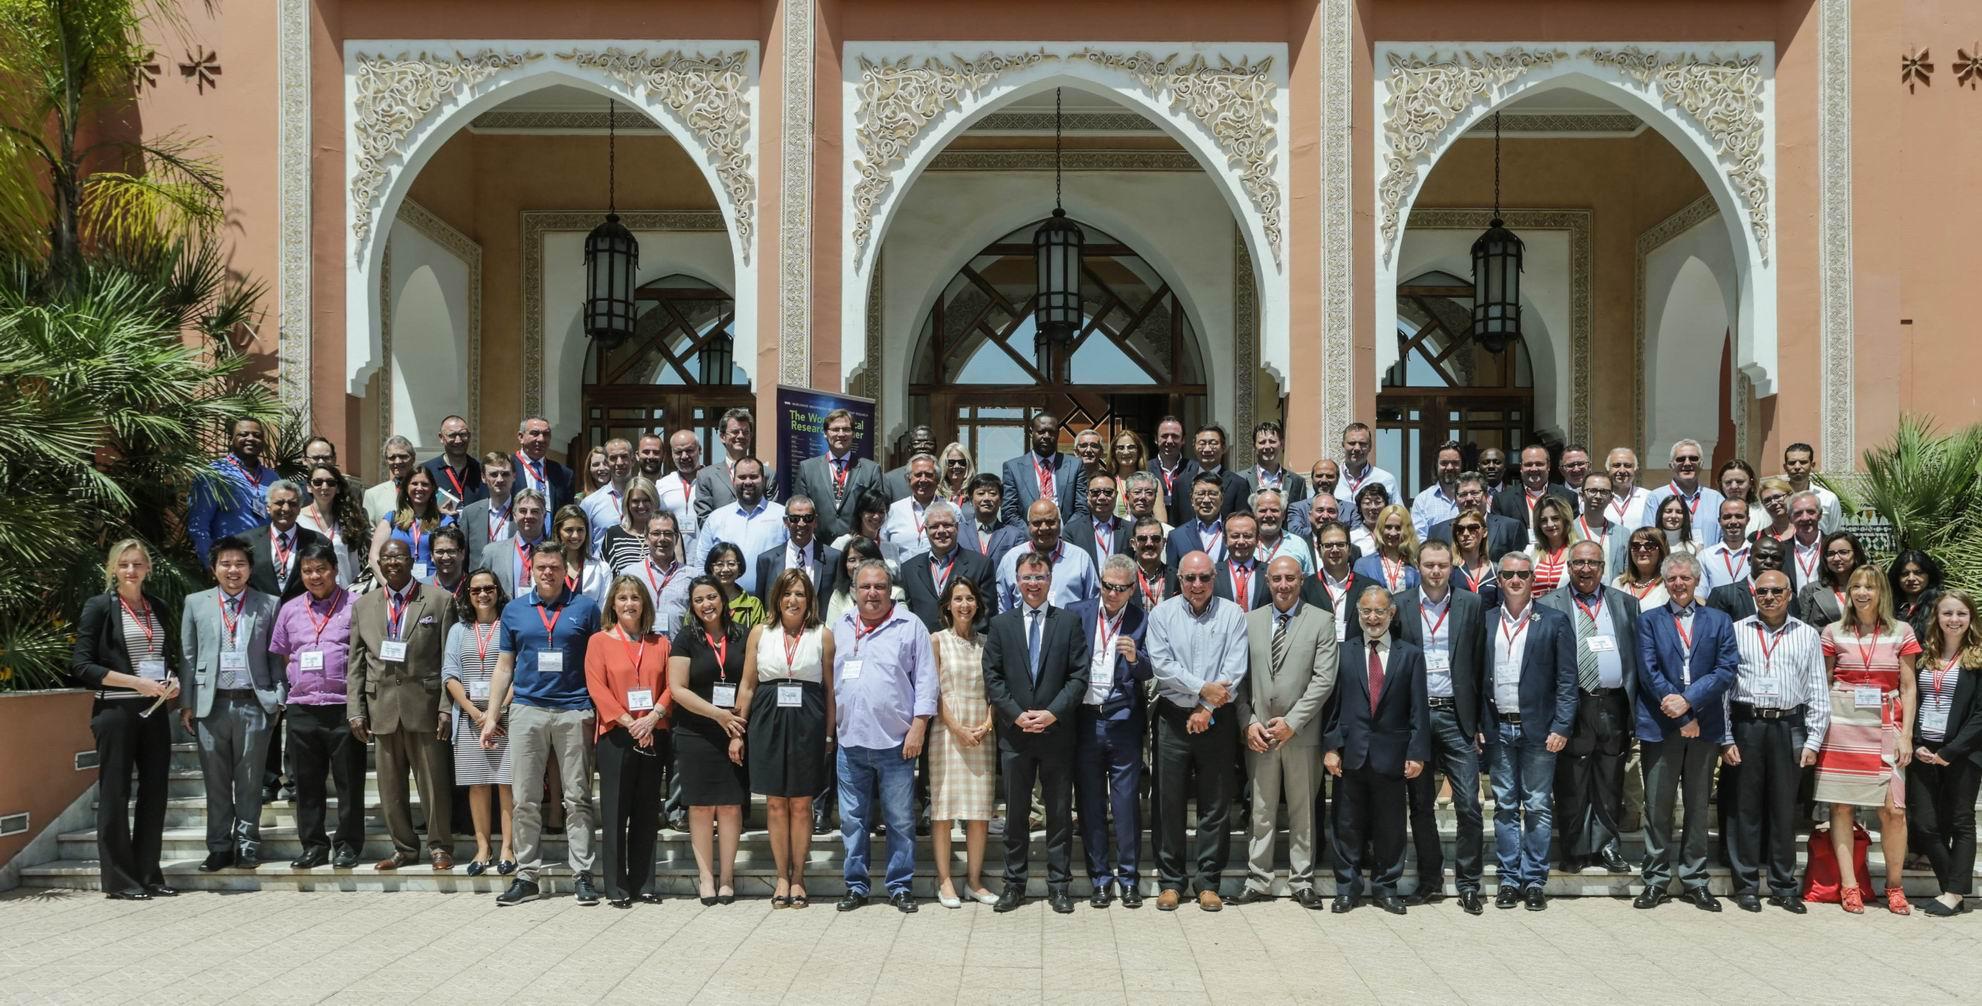 Teilnehmer der WIN/GALLUP INTERNATION-Konferenz 2016